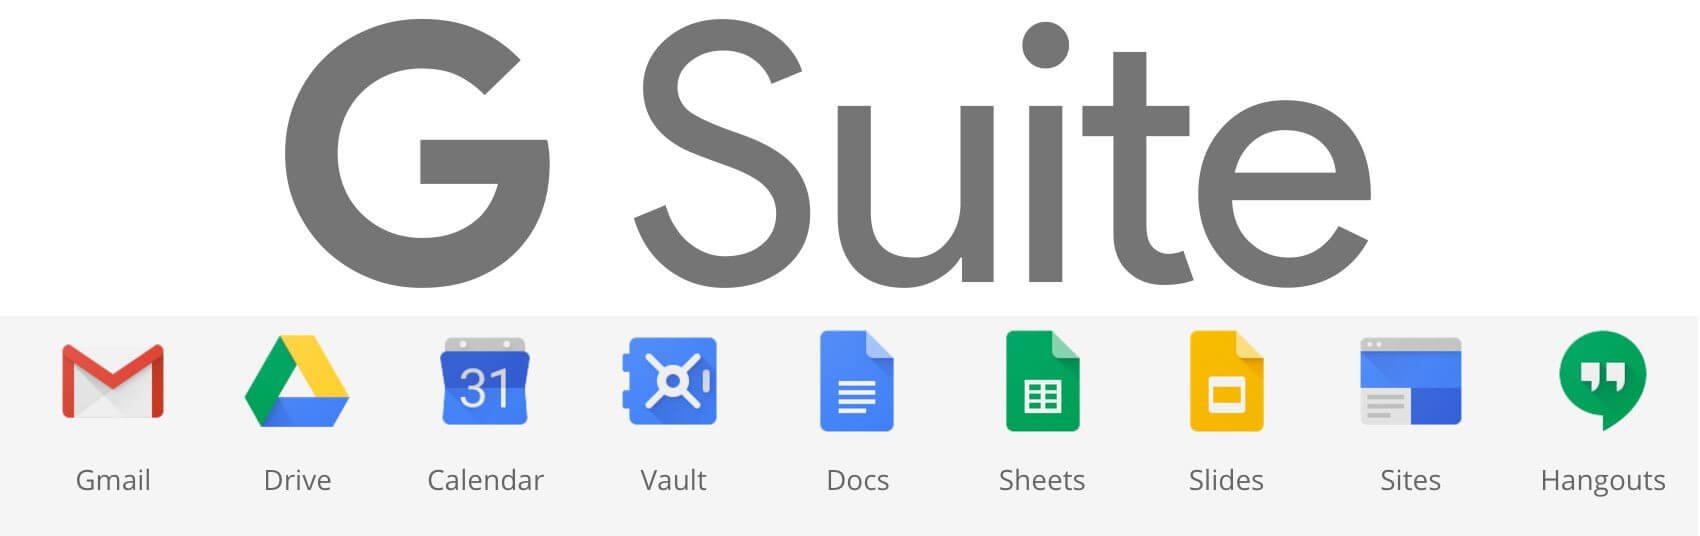 Gmail ganhará novo design e diversas novas funções em breve. Seja para uso pessoal ou profissional, o gmail está sempre lá e você sempre precisa dele. E é justamente por isso que o google irá melhorá-lo ainda mais.